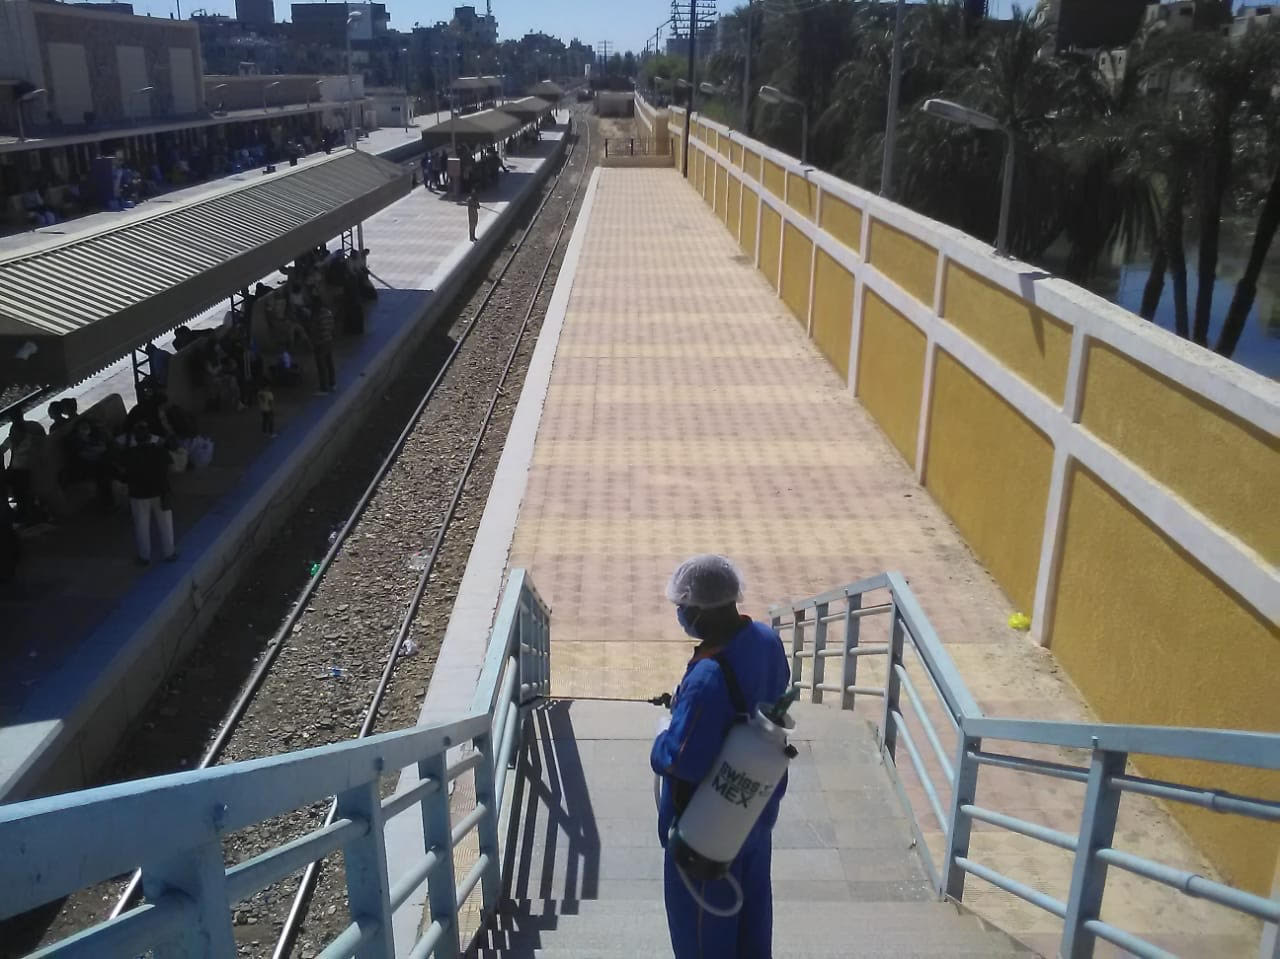 السكة الحديد تواصل أعمال تعقيم المحطات والقطارات ضد كورونا (6)